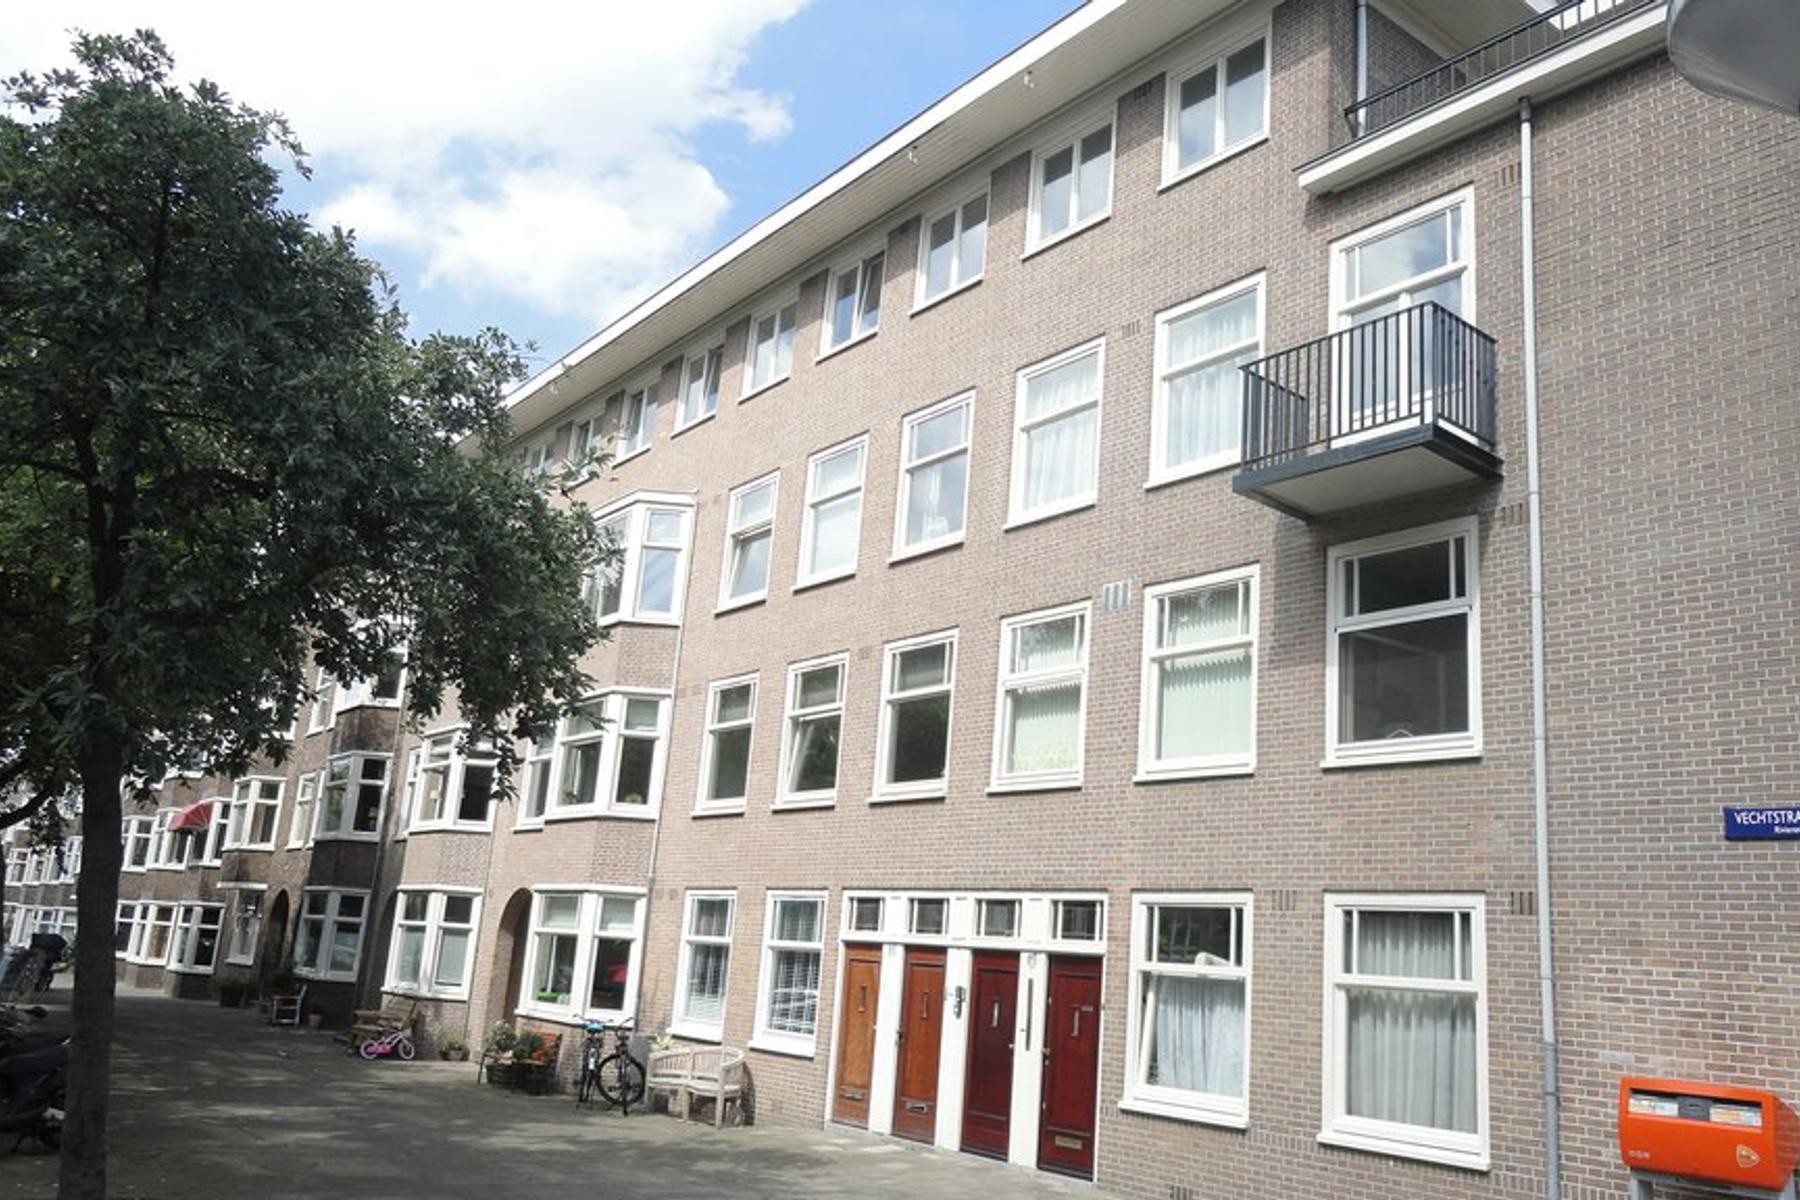 Vechtstraat 185 Ii in Amsterdam 1079 JJ